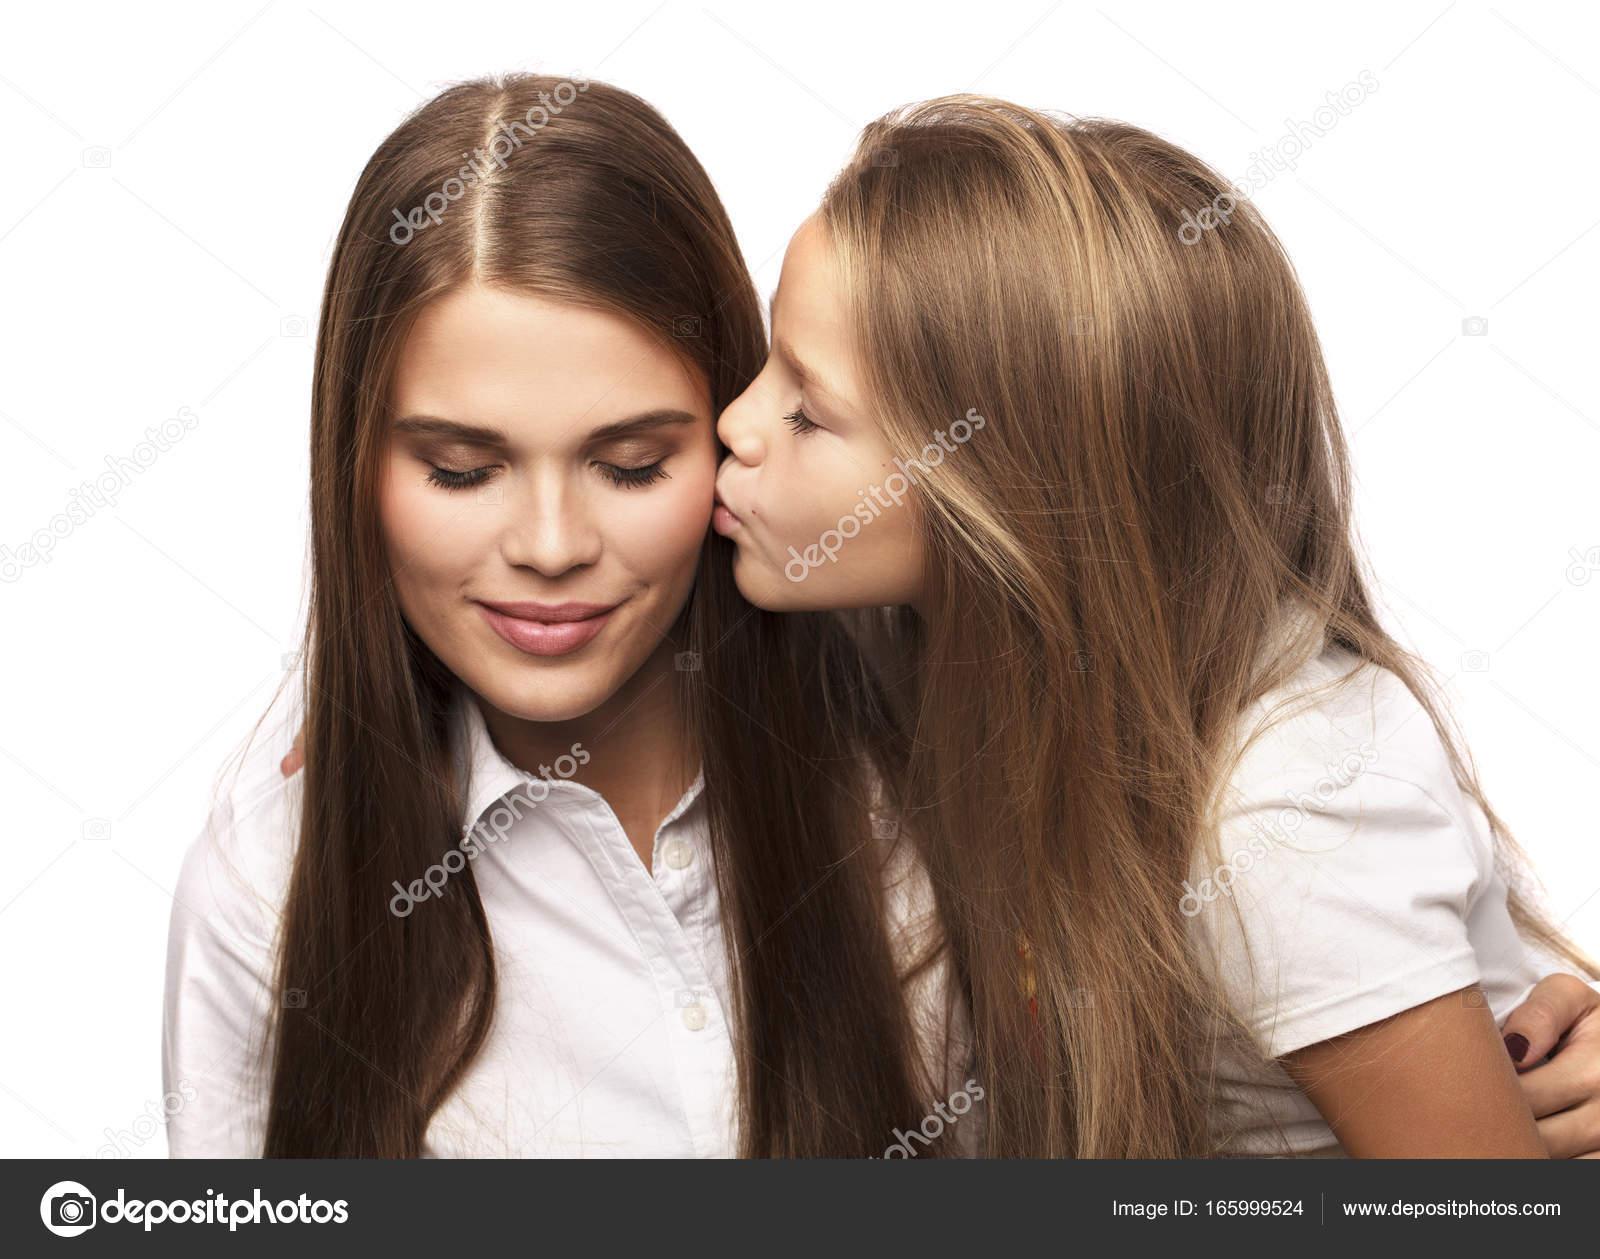 Фото нежных лесбийских поцелуев, голые блондинки в видео